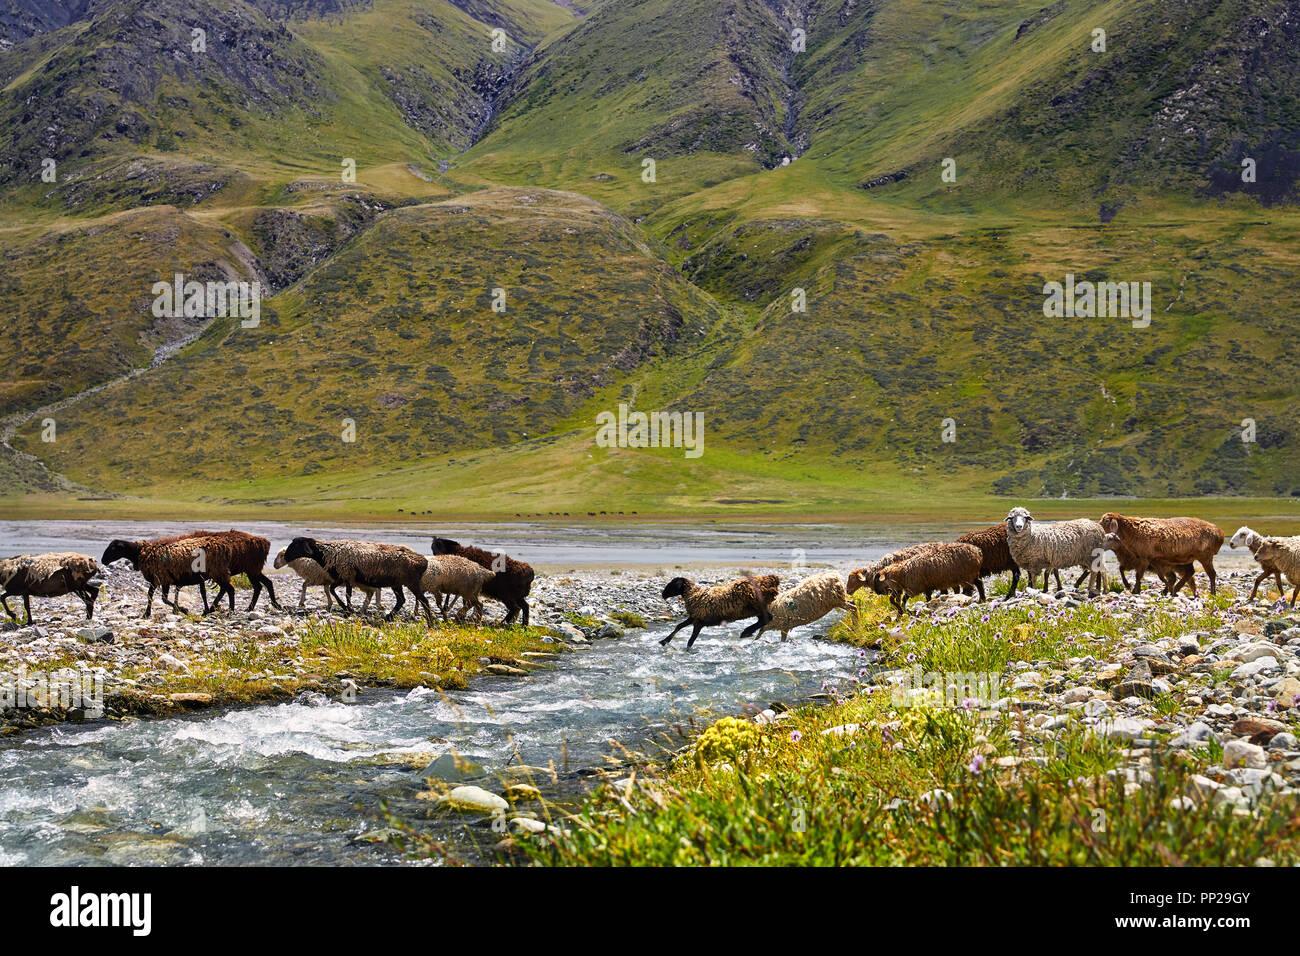 Troupeau de moutons traversant la rivière dans la vallée de montagnes du Kirghizistan, en Asie centrale Photo Stock